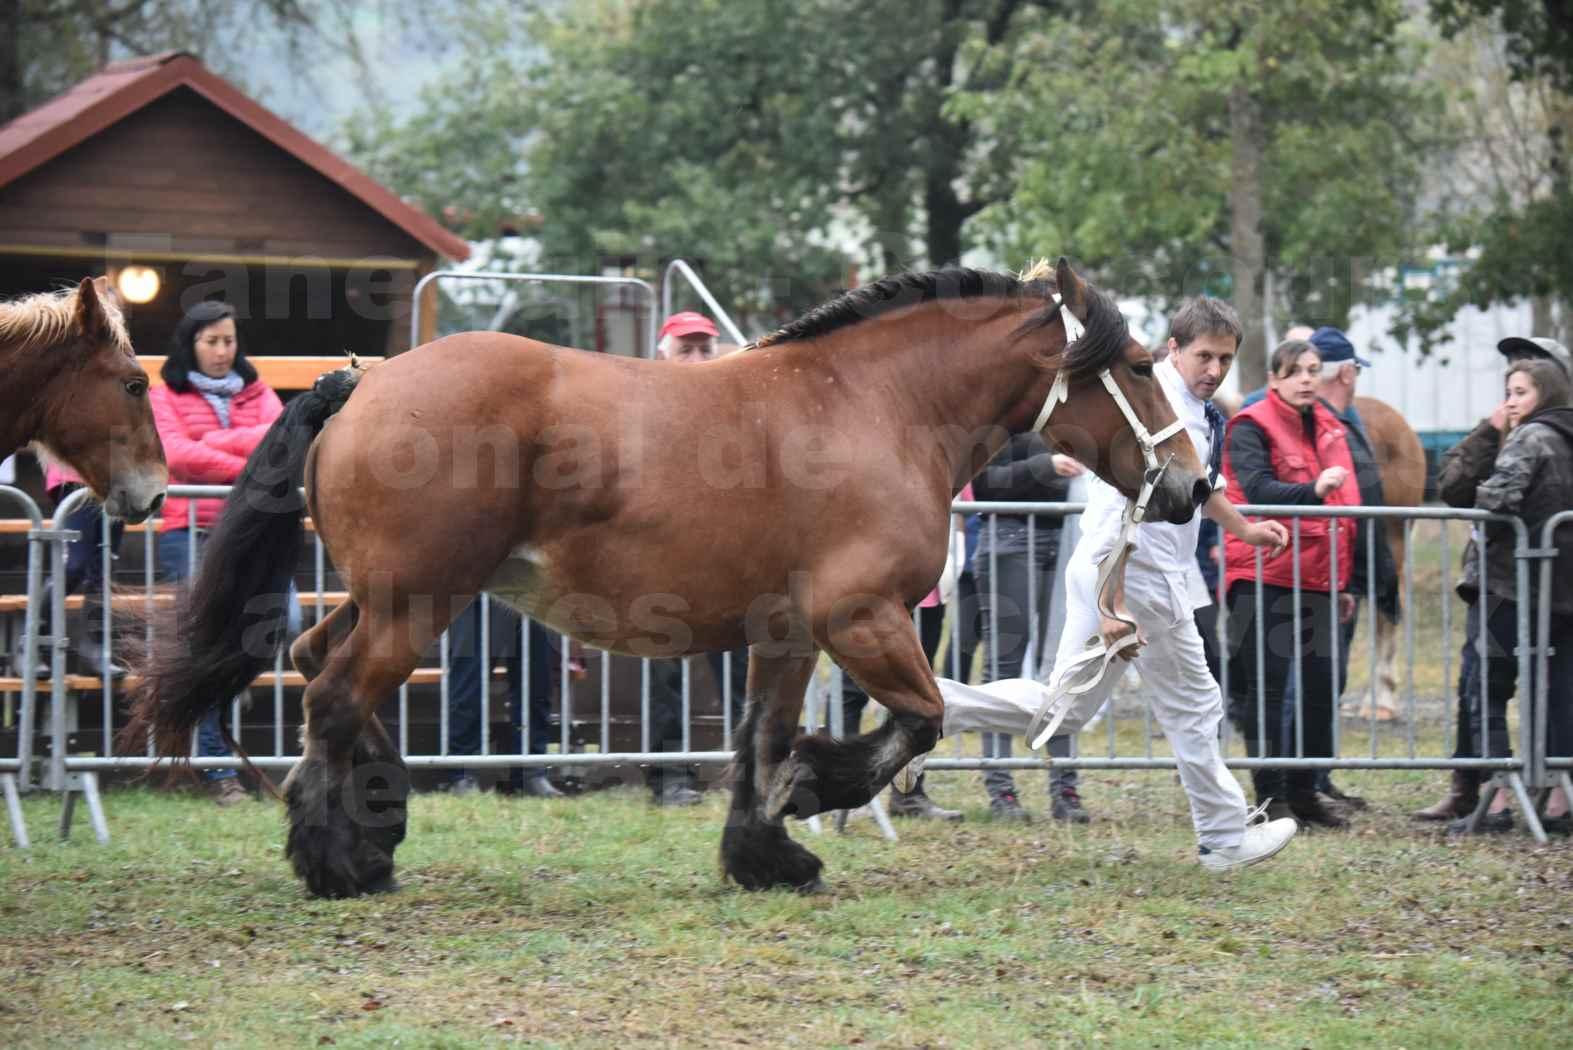 Concours Régional de chevaux de traits en 2017 - Jument & Poulain Trait COMTOIS - COMETE DE GRILLOLES - 18